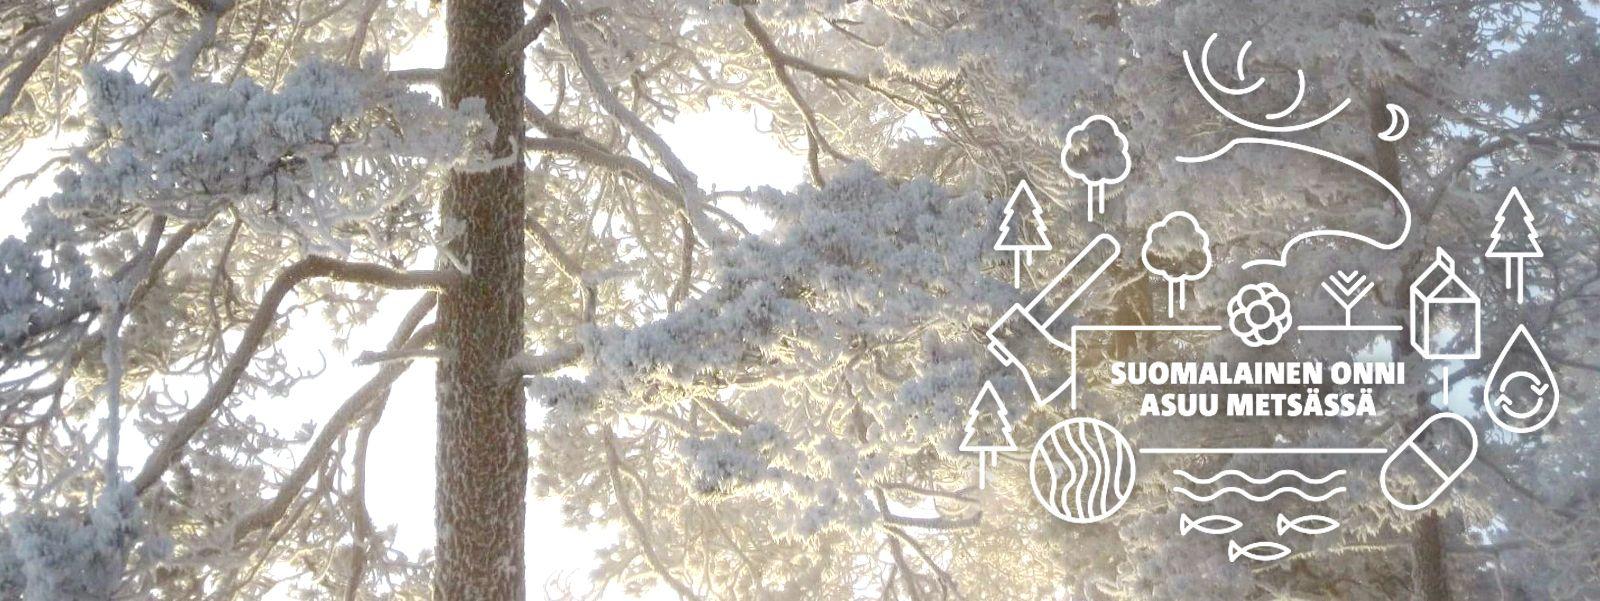 Suomalainen onni asuu metsässä -teema kertoo metsien merkityksestä satavuotiaassa Suomessa – ja sen tulevaisuudessa. Metsäyhdistys etsii teeman kunniaksi 100 syytä mennä metsään. Myös Mets�